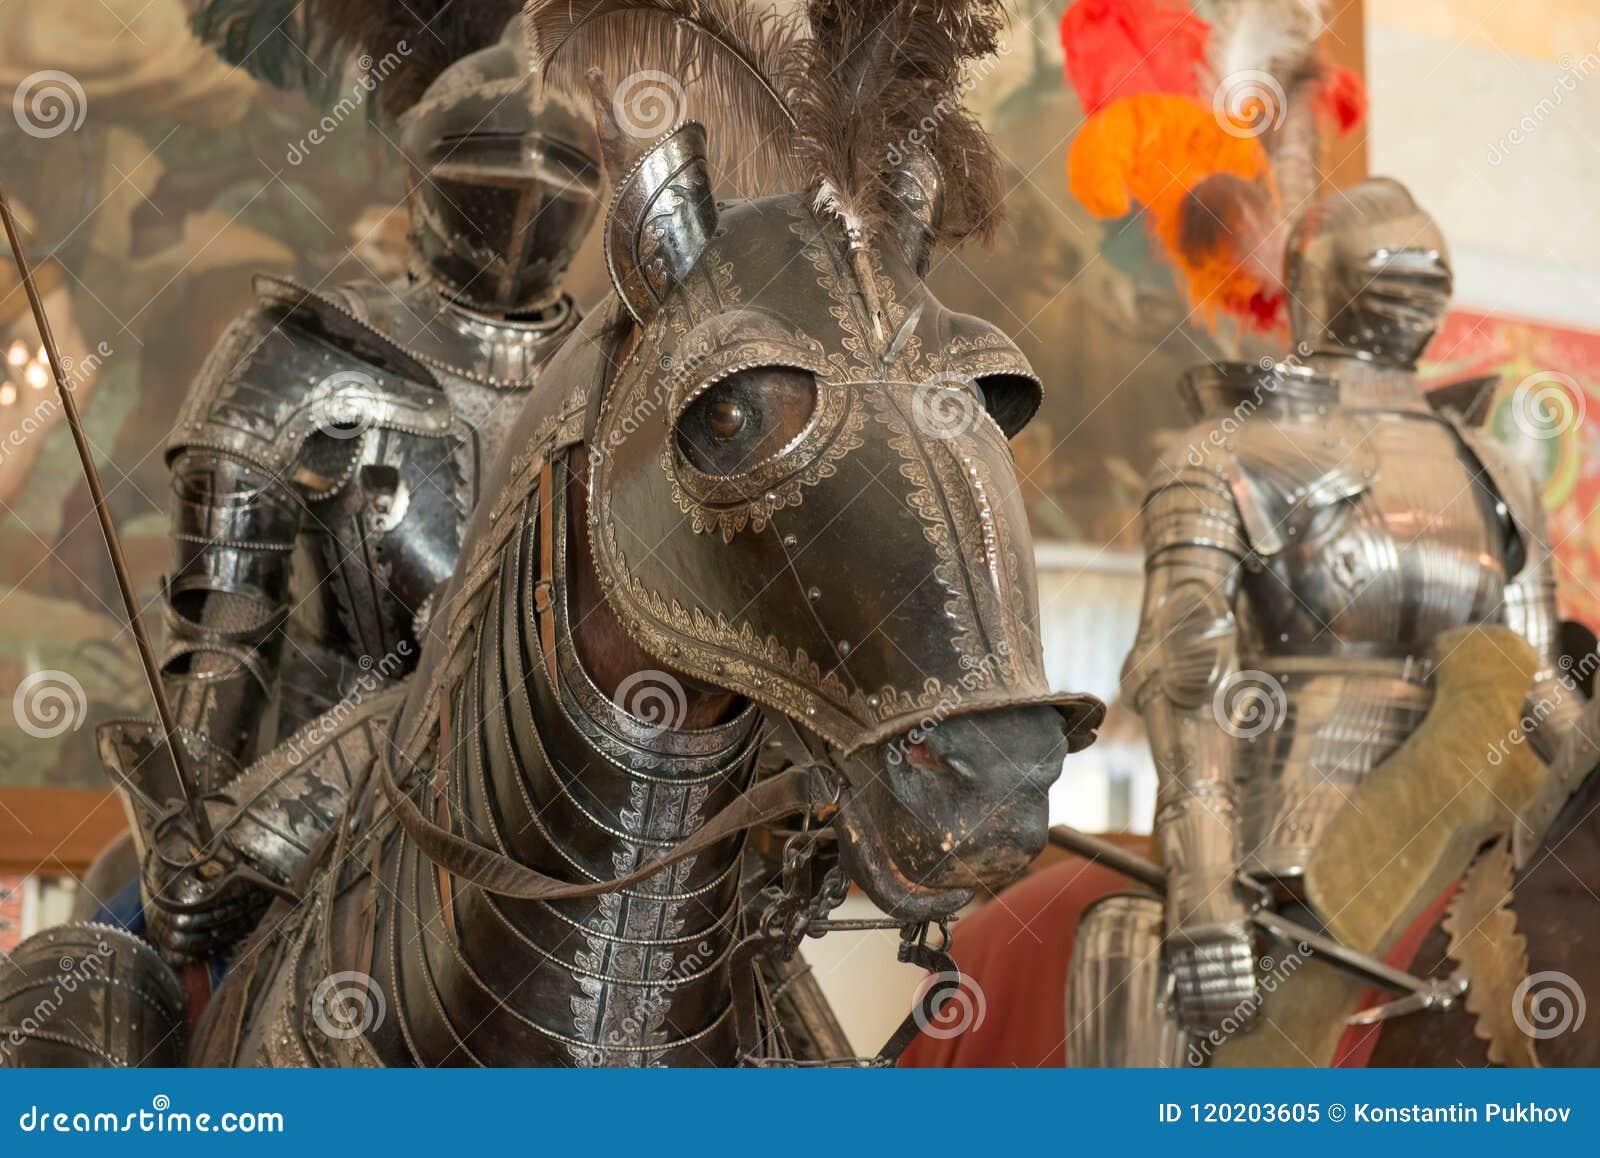 Koń w opancerzeniu